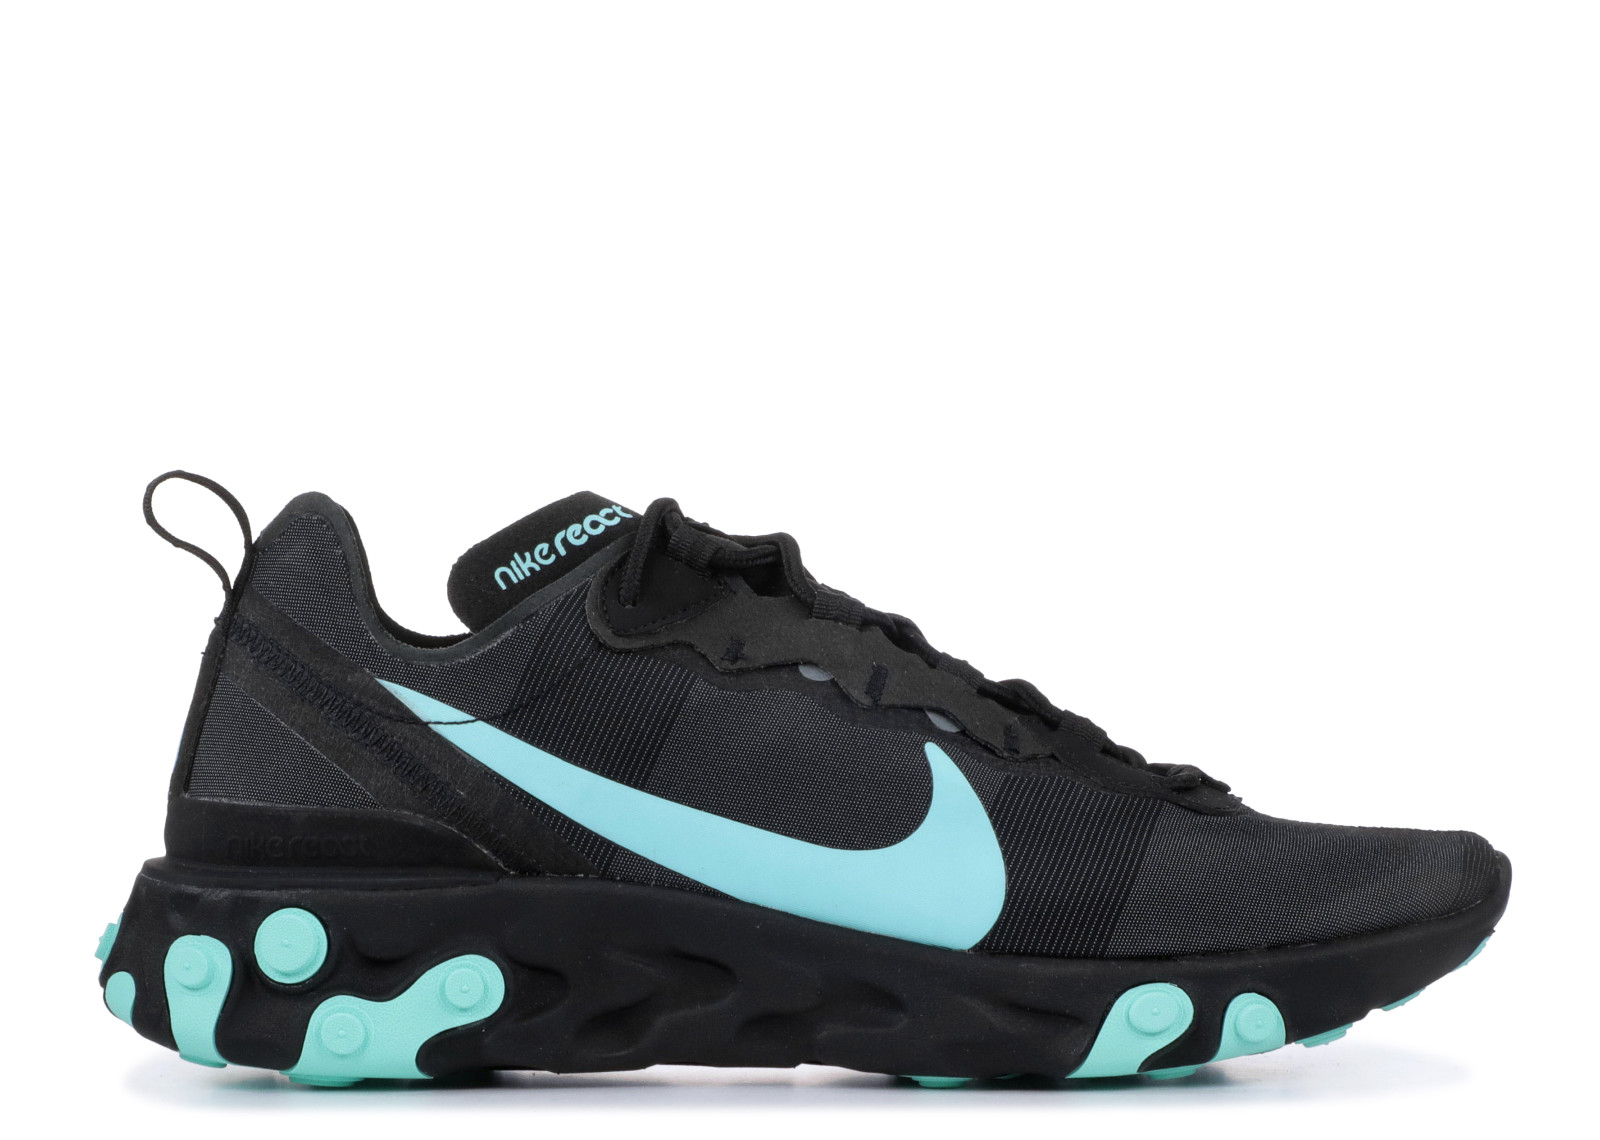 low priced 85134 230e0 Nike - Men - Nike React Element 55 'Jade' - Bq6166-004 - Size 8.5